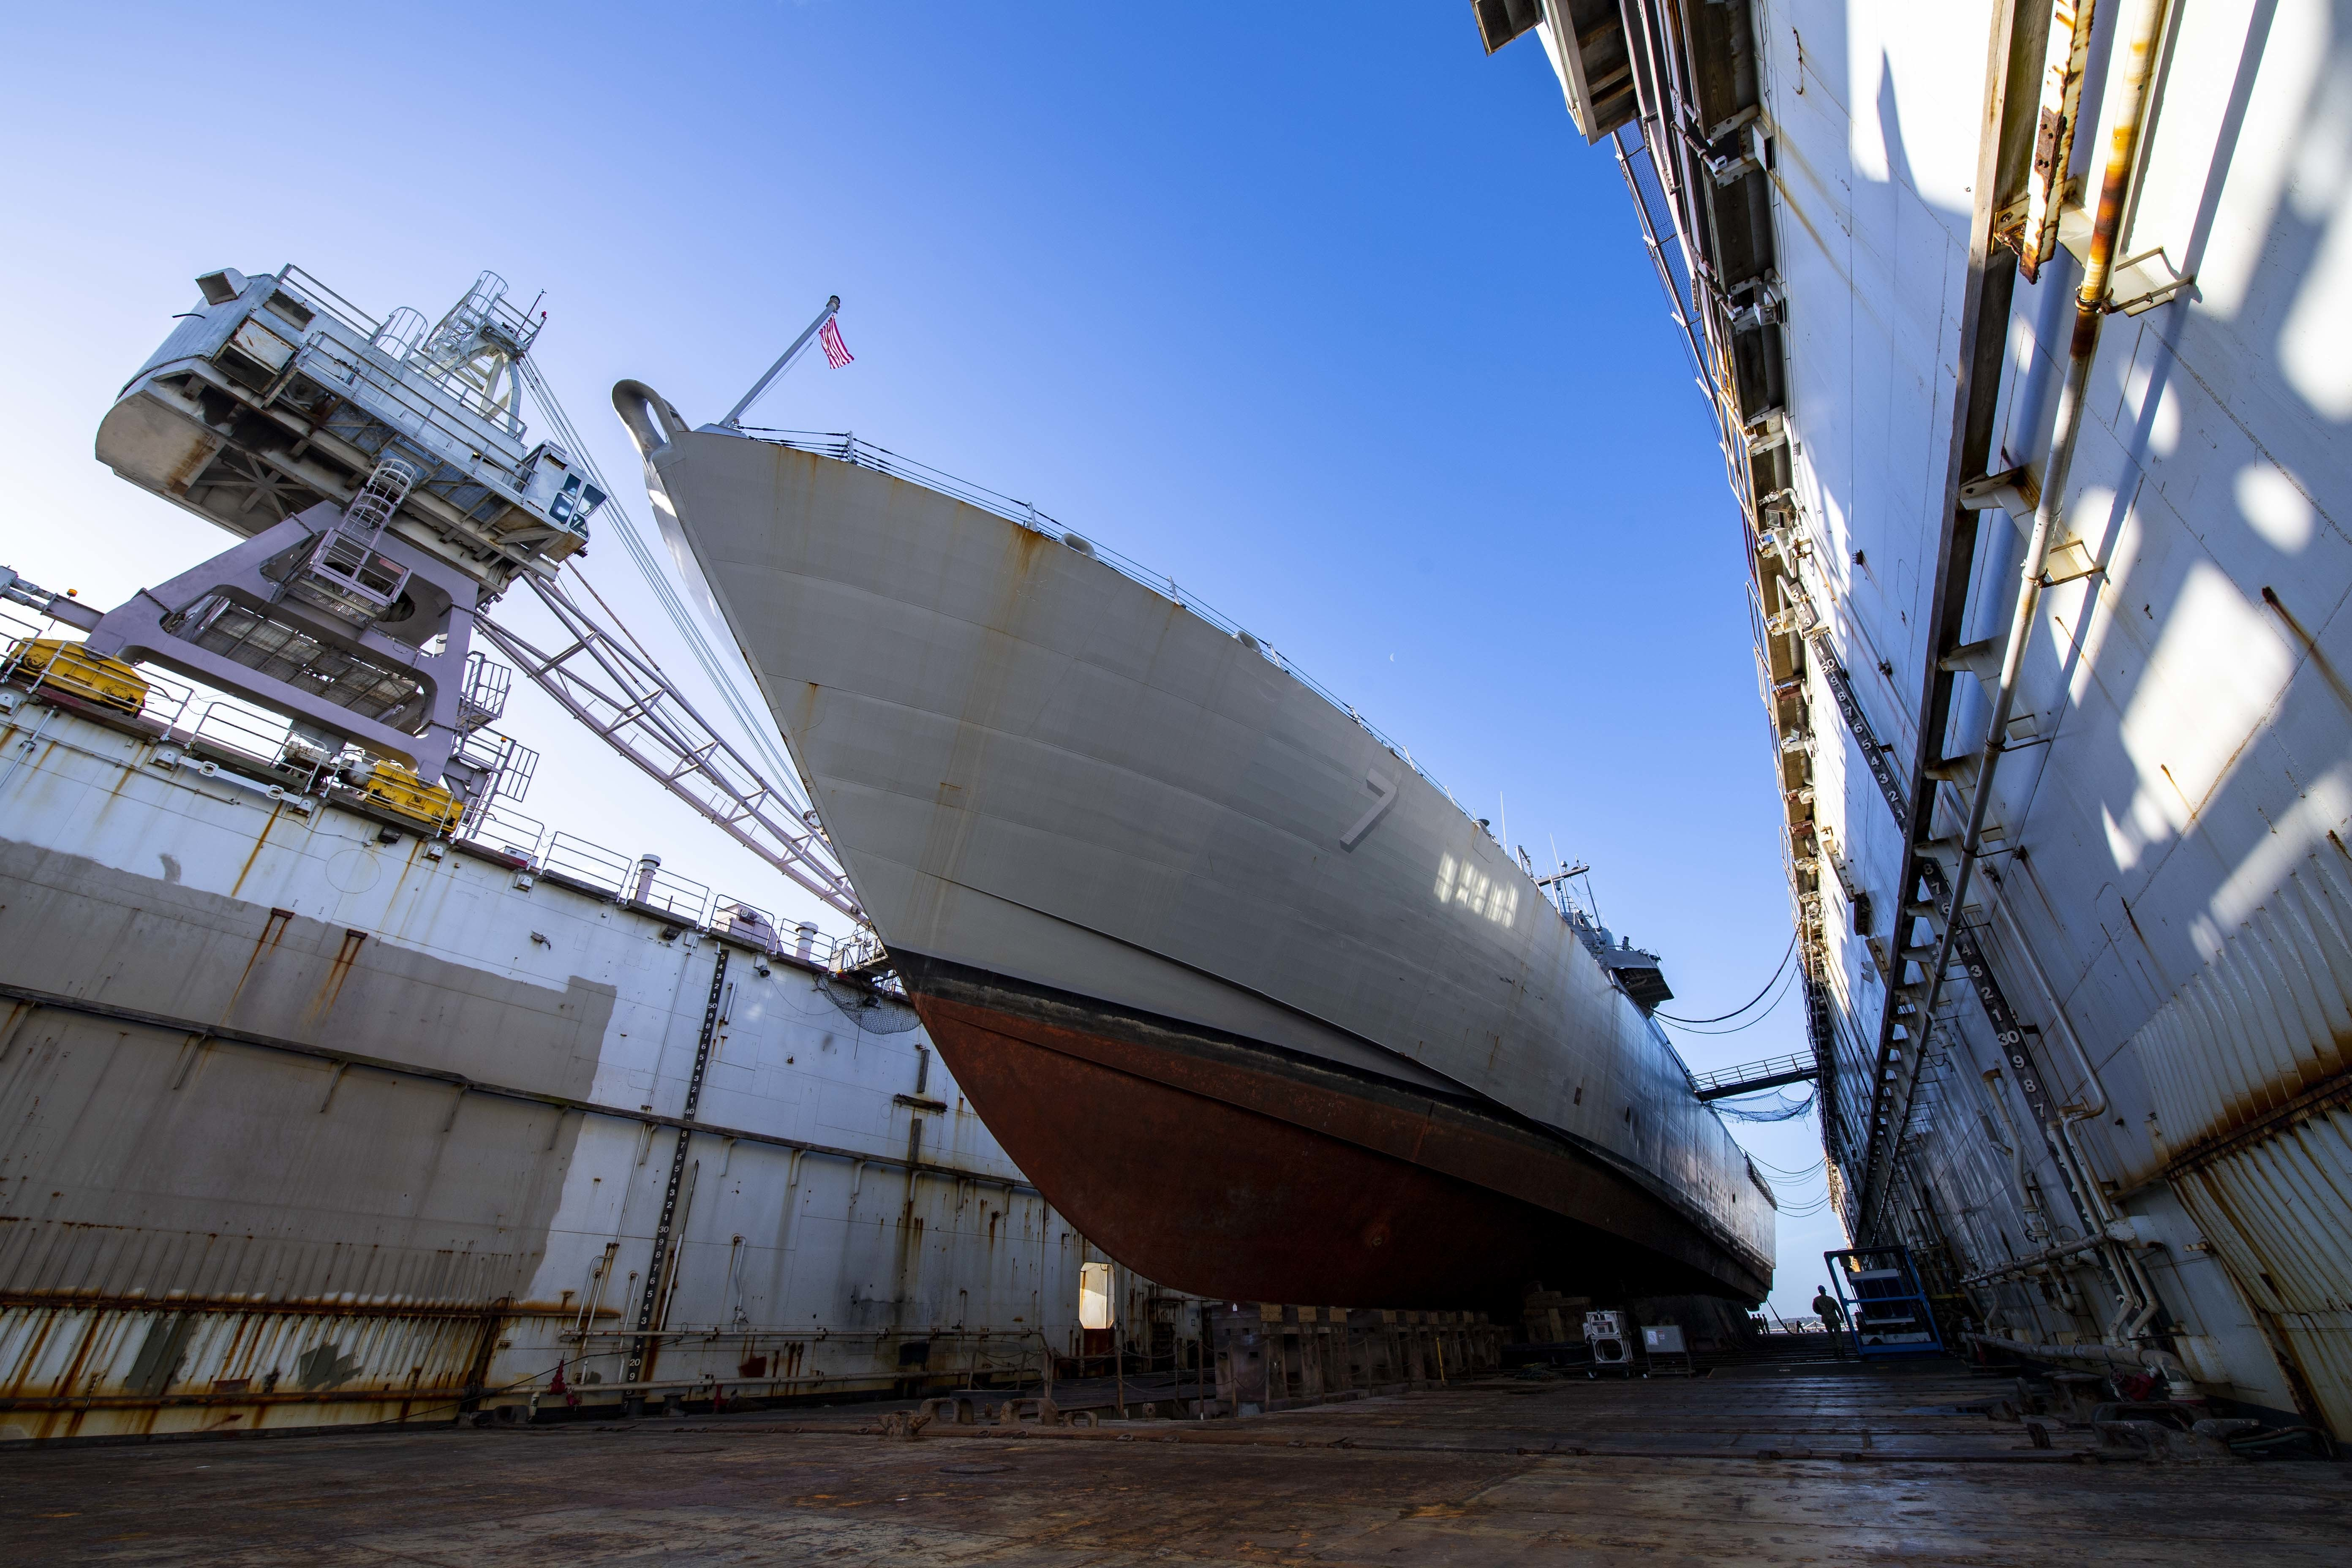 USNI News - Maritime News and Analysis